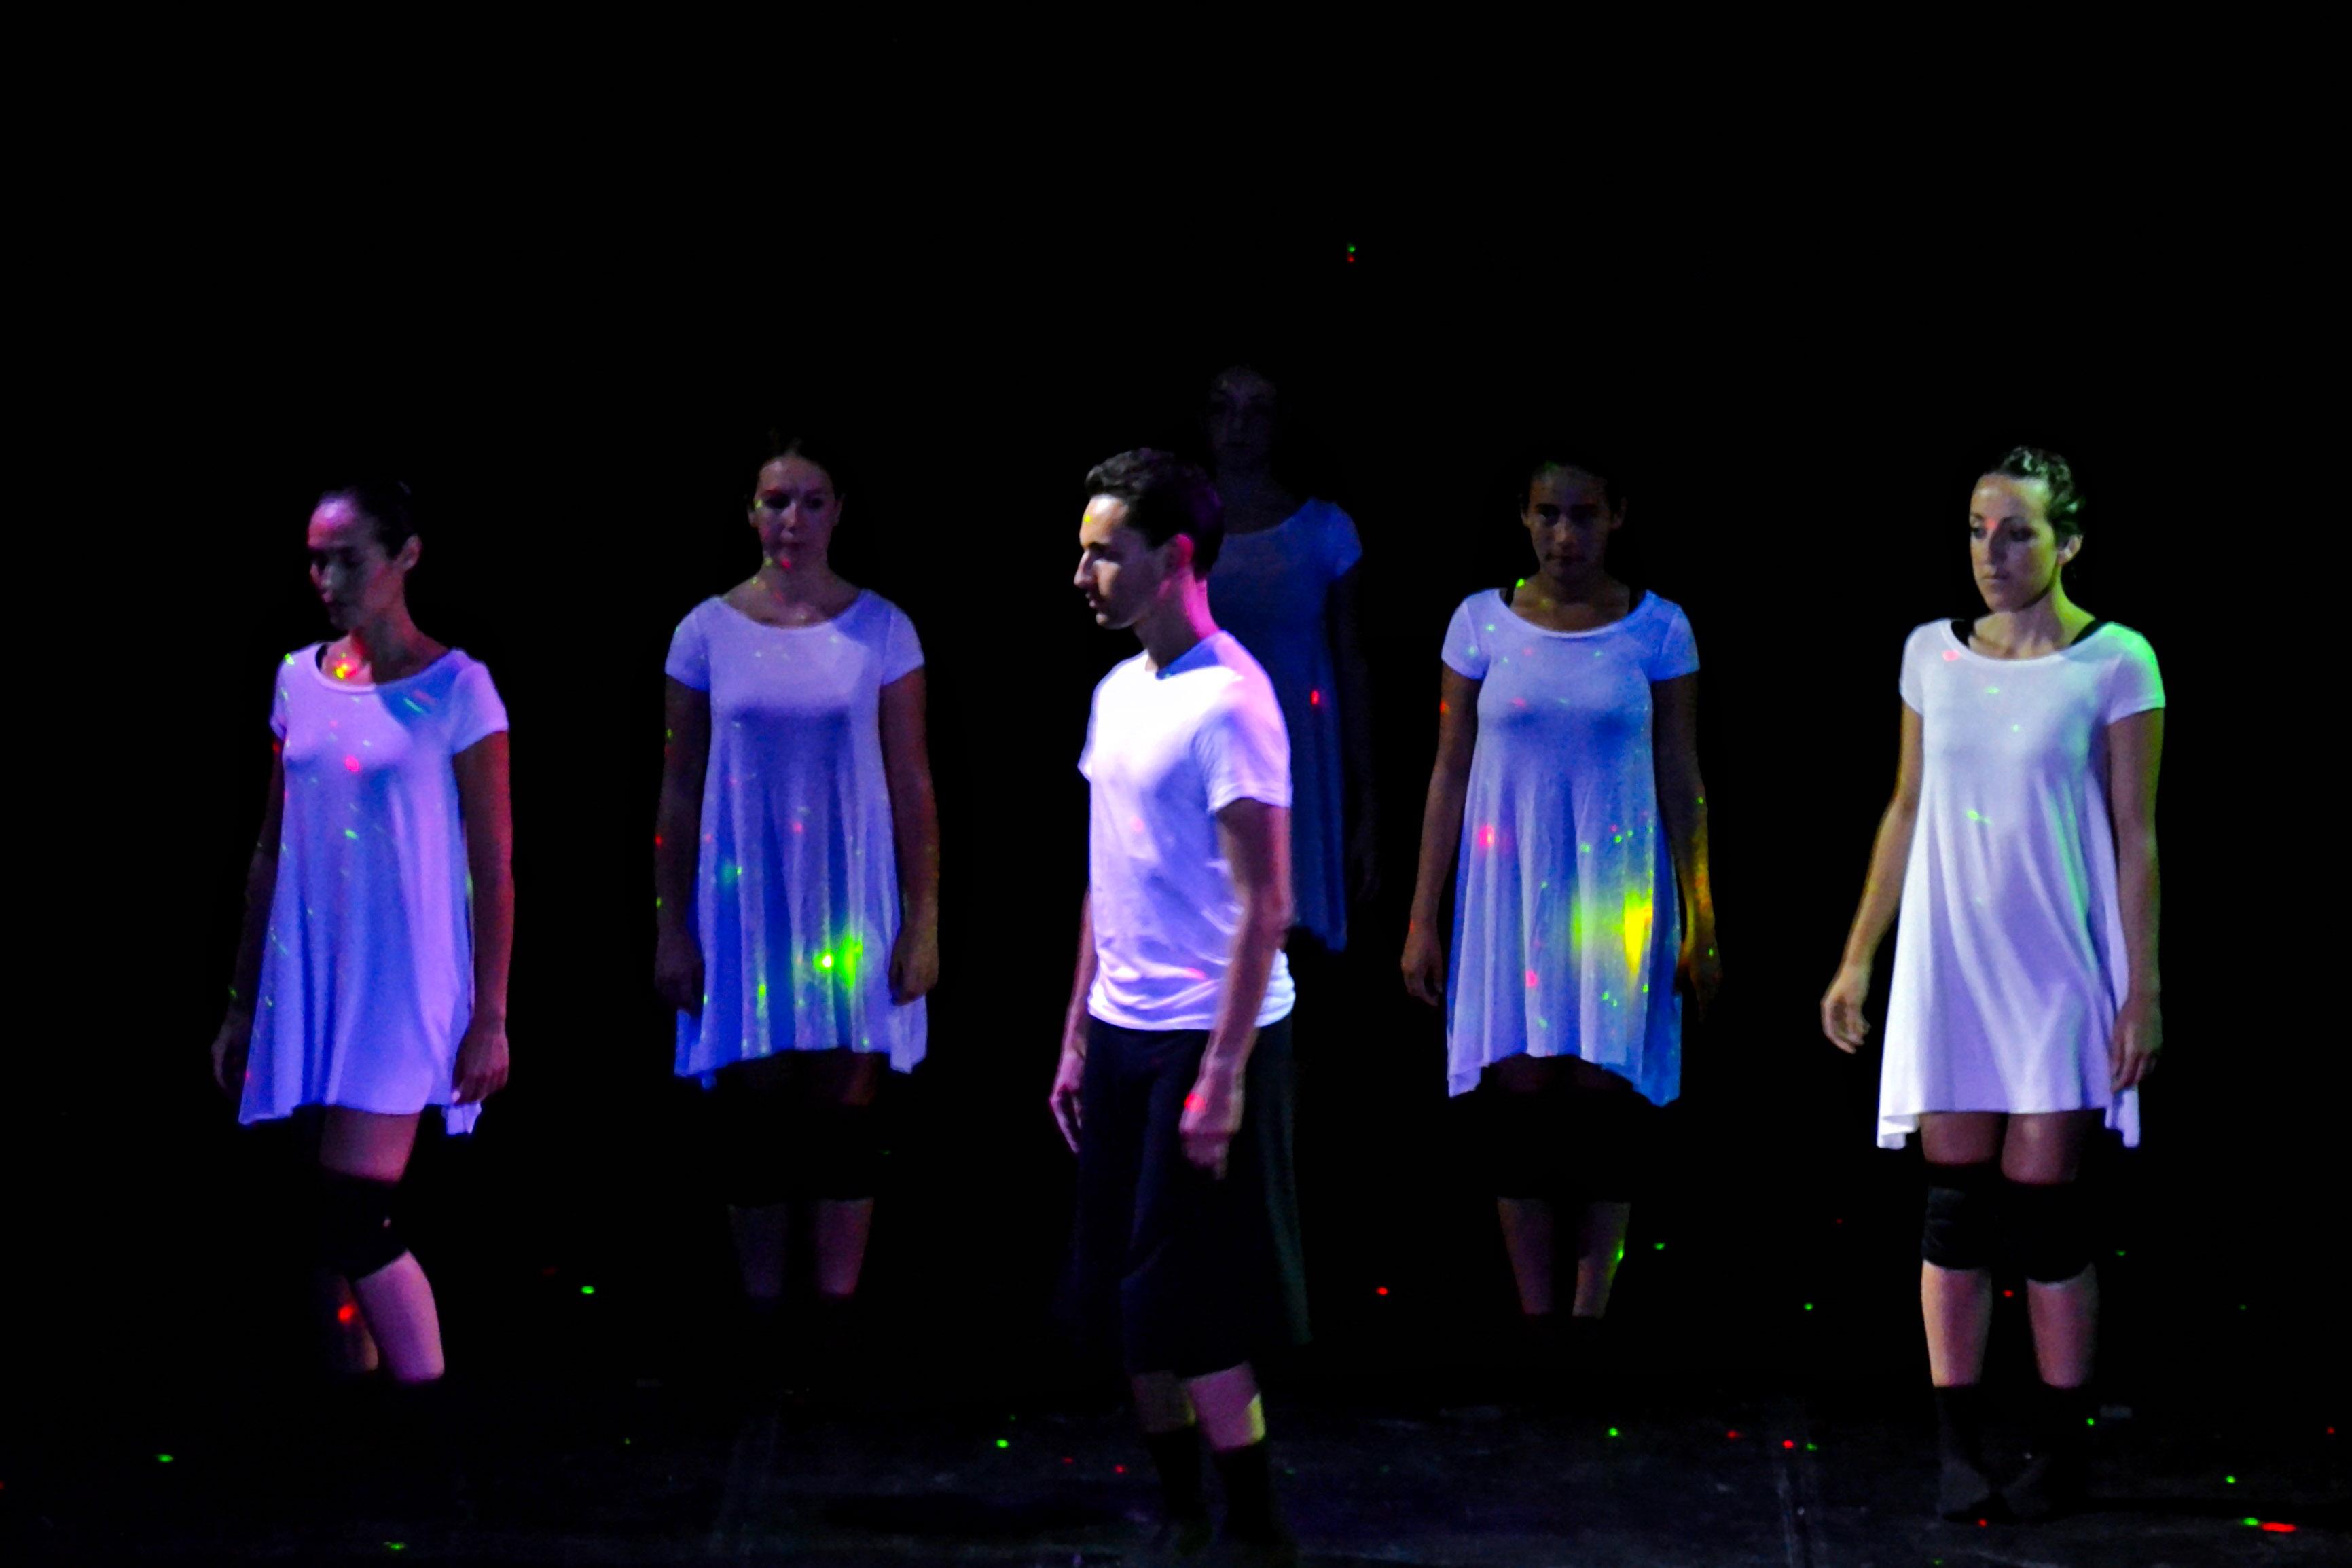 Linea-de-Baile-festival-verano-2015-clases-de-baile-valencia-151